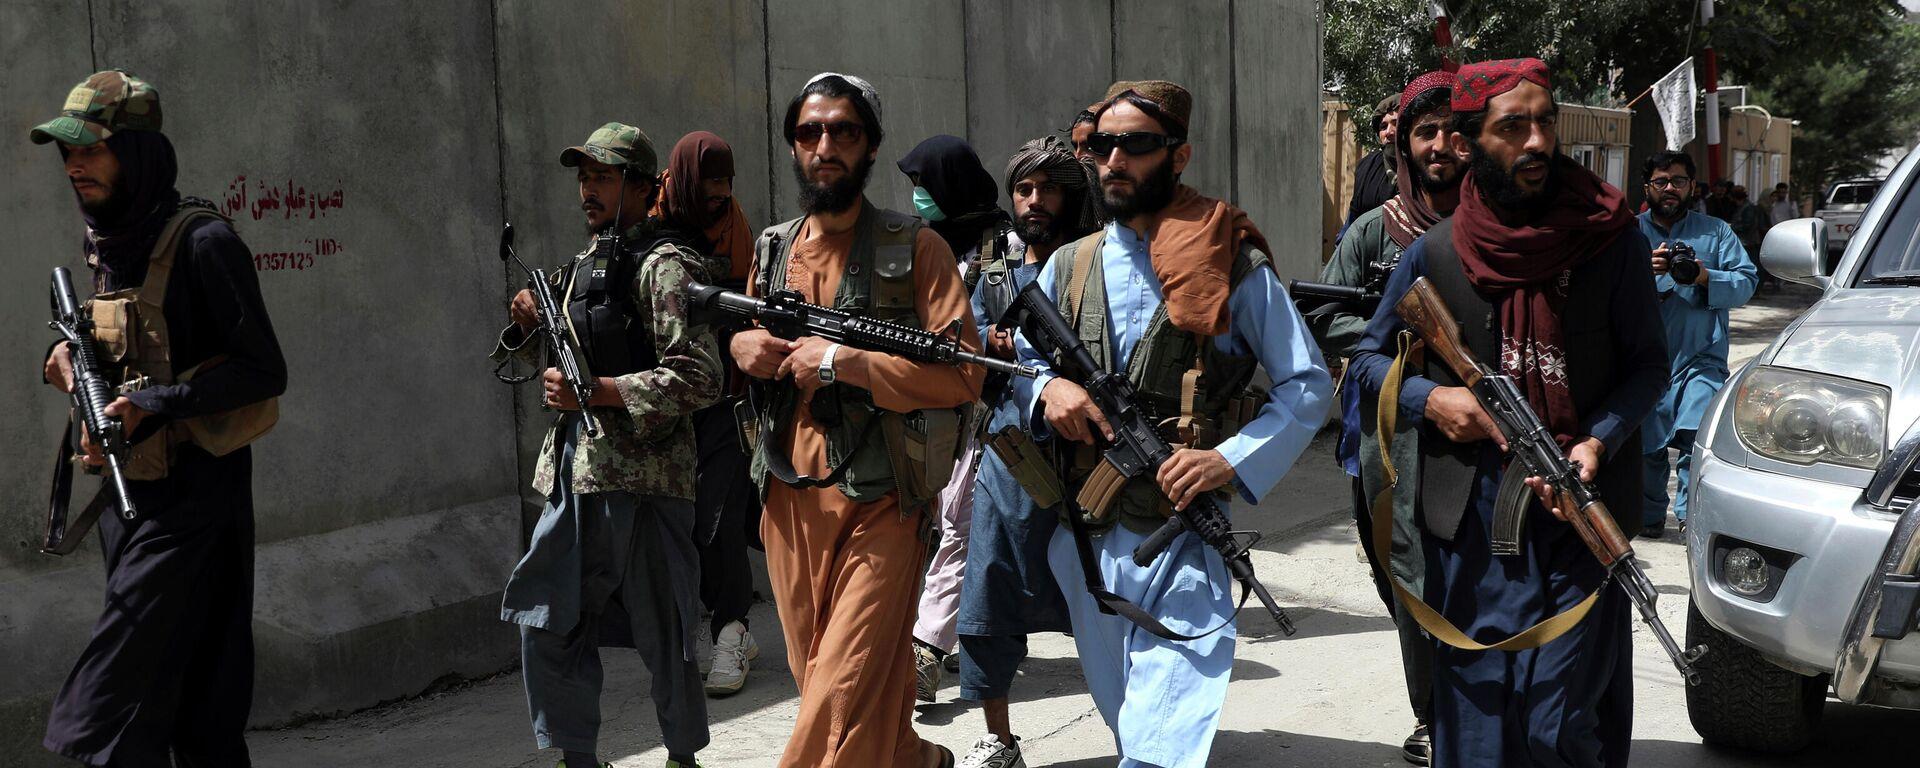 Боевики Талибана патрулируют район Вазир Акбар Хан в городе Кабул, Афганистан - Sputnik Таджикистан, 1920, 21.08.2021